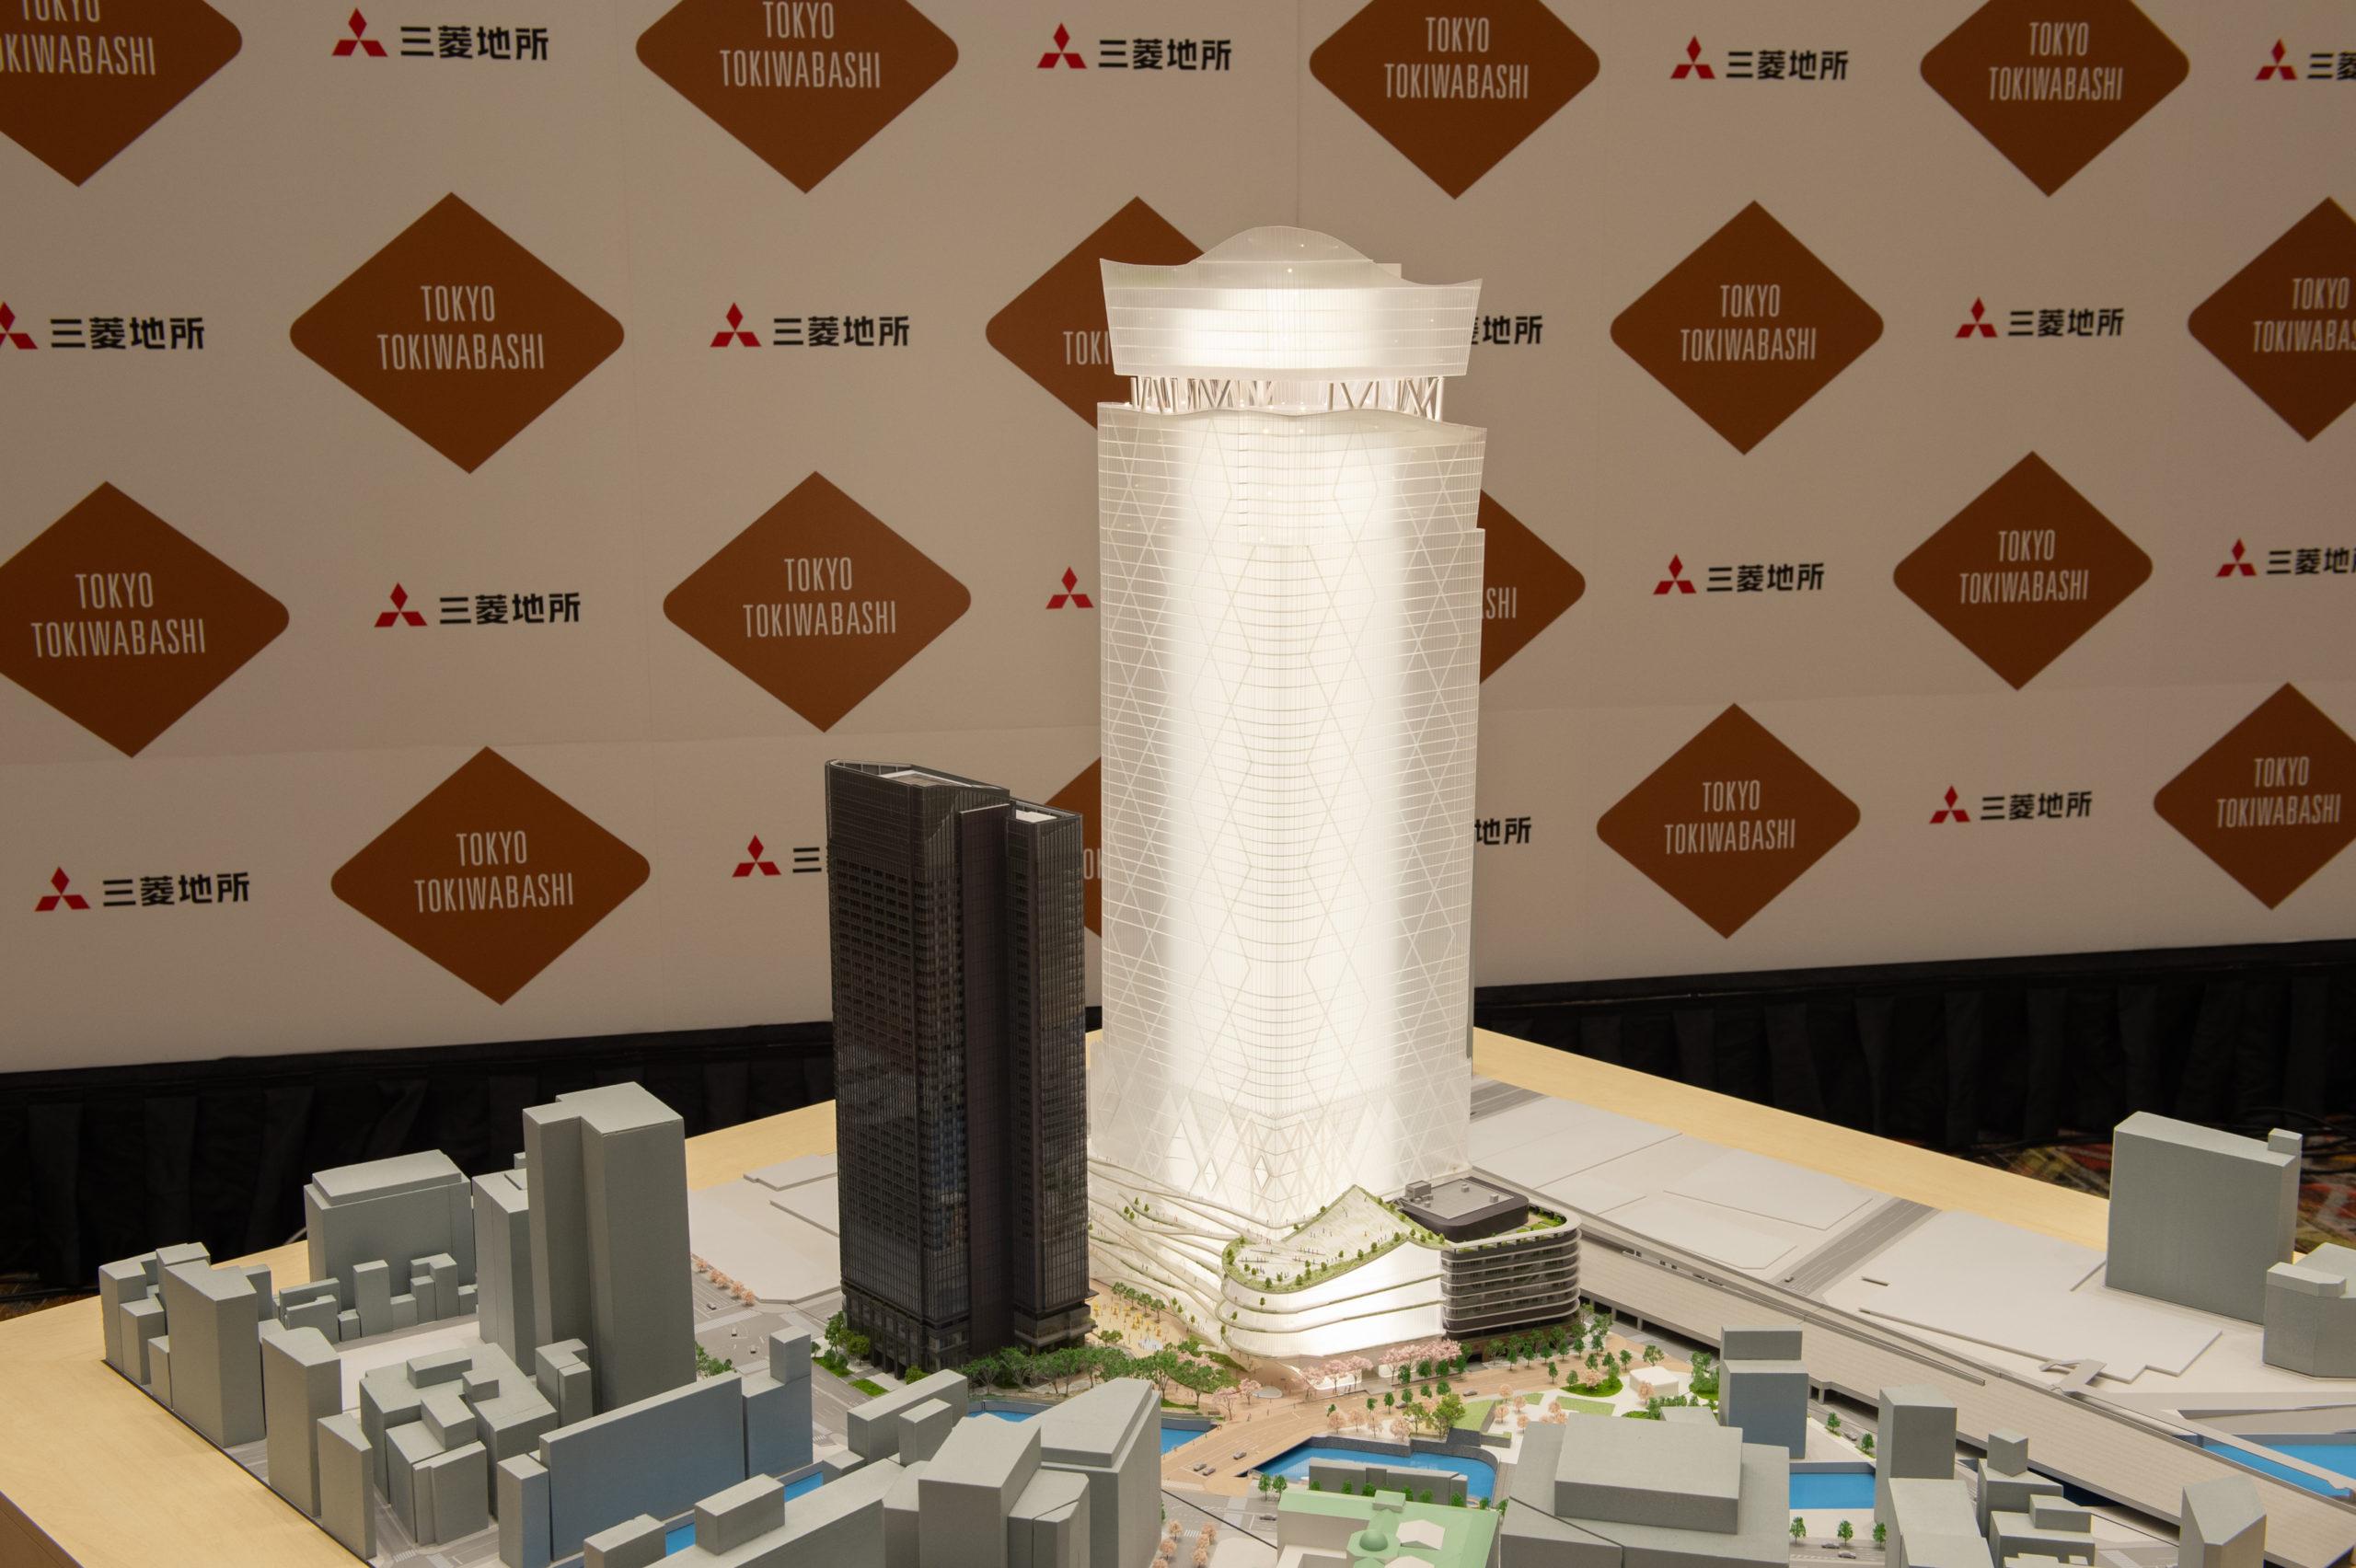 常盤橋プロジェクトの名称は「トウキョウトーチ」<br>―三菱地所、新常態見据え2haの屋外空間整備